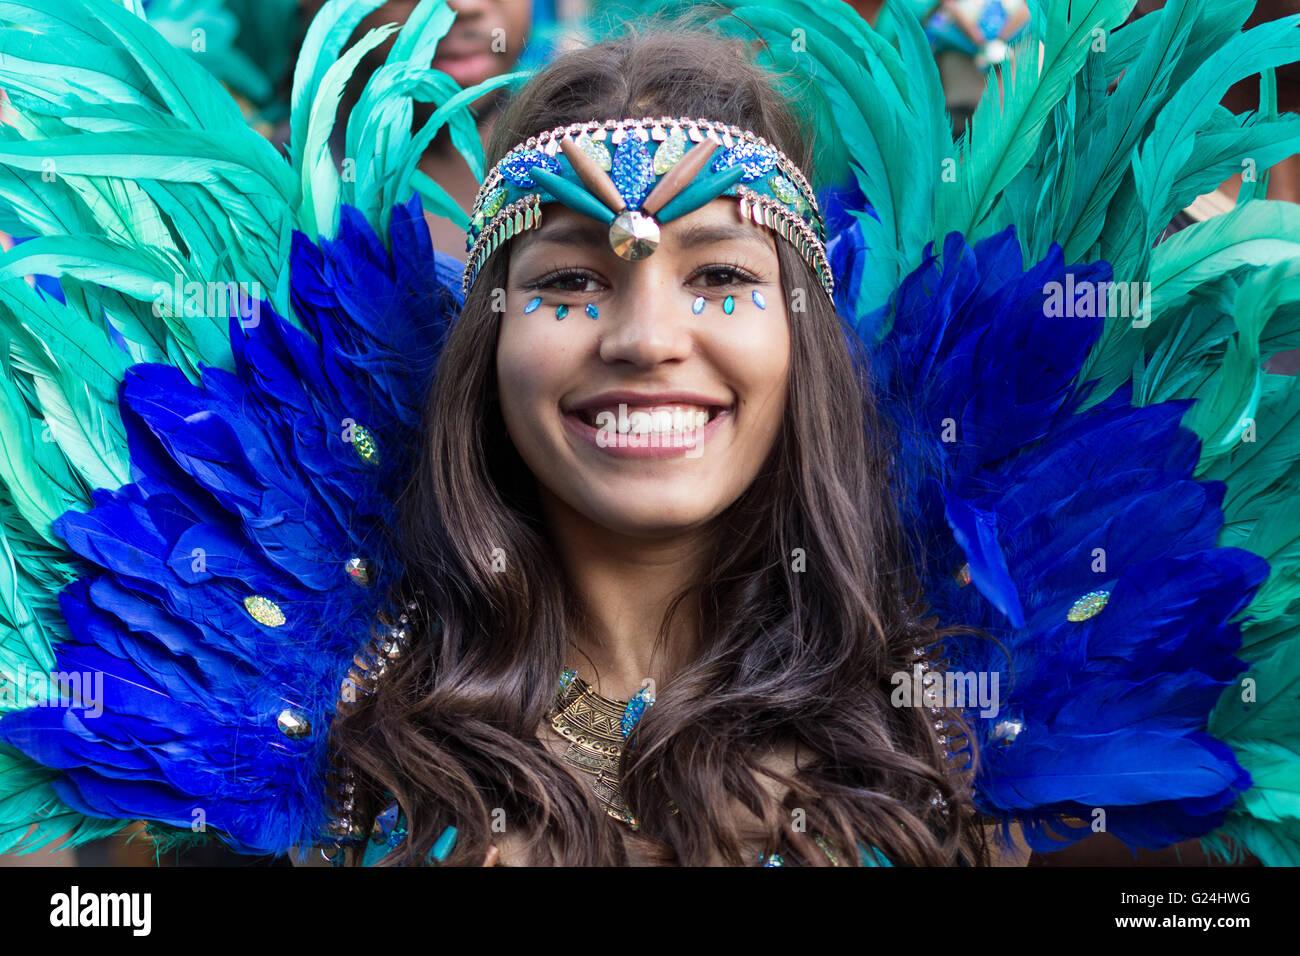 Berlino, Germania 15 maggio 2016: bellissima ragazza in costume sorridente sul carnevale di culture (Karneval der Immagini Stock